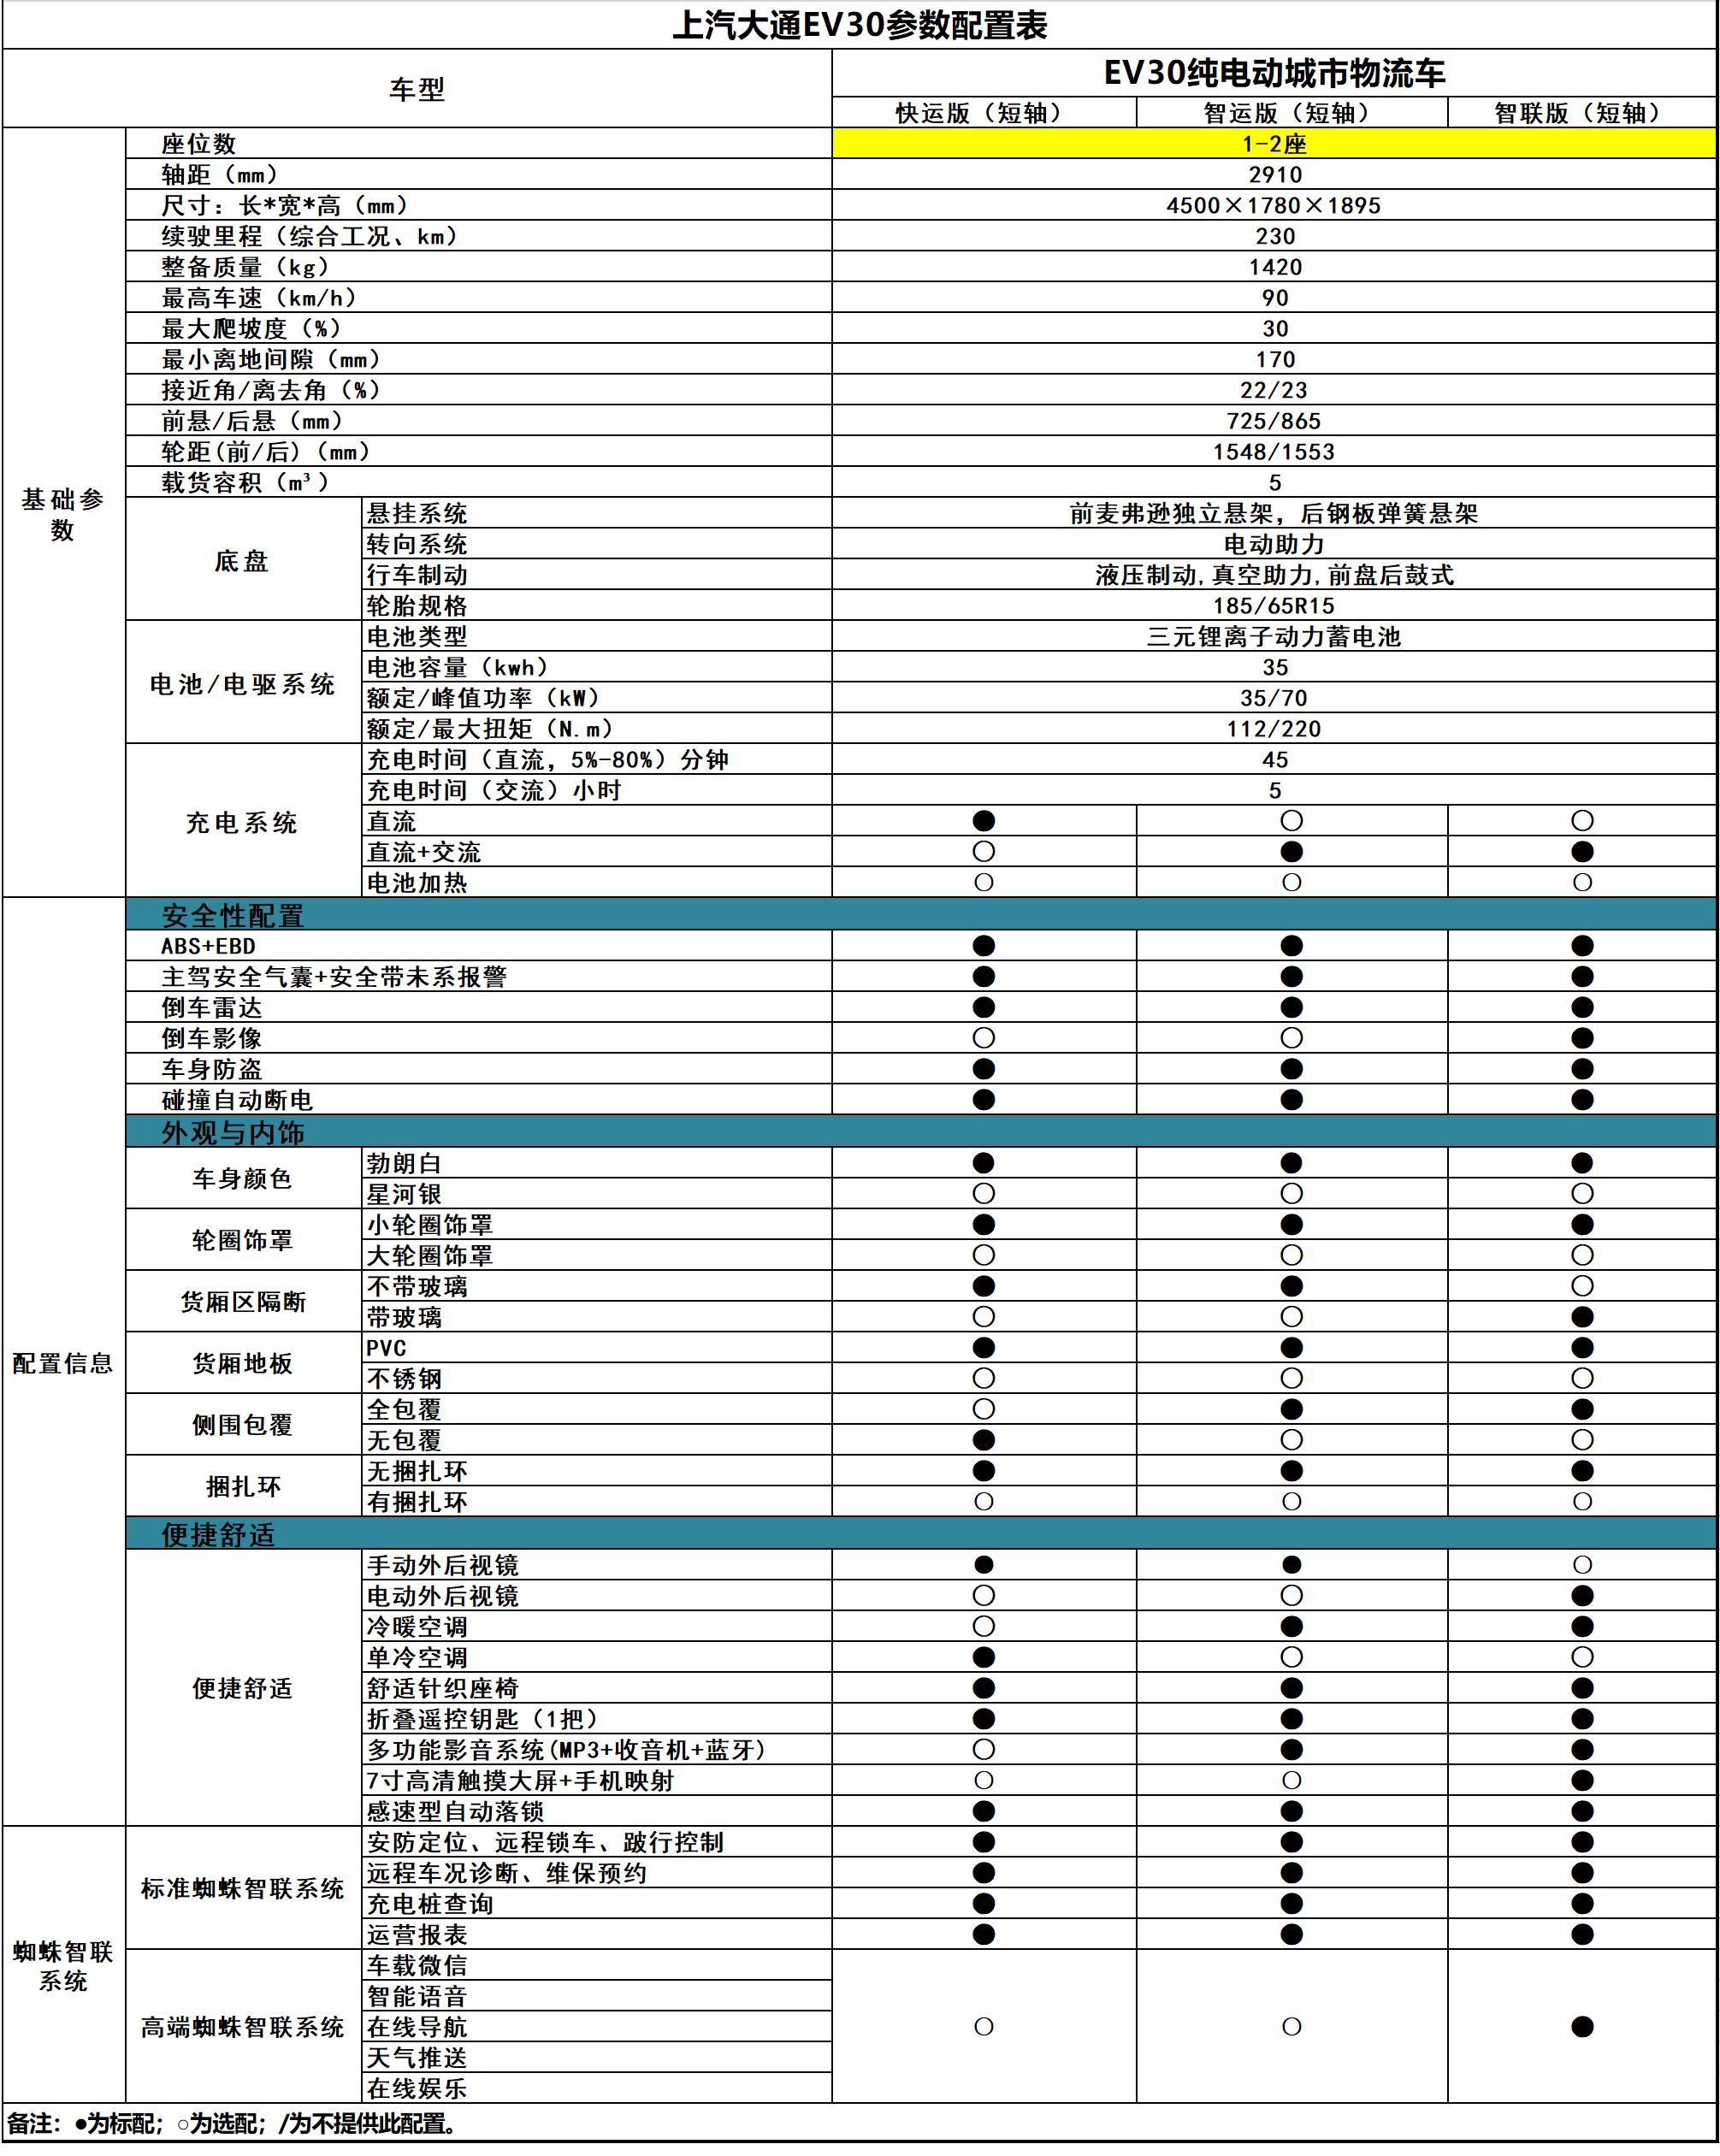 上汽大通EV30参数配置表20190114 副本.png